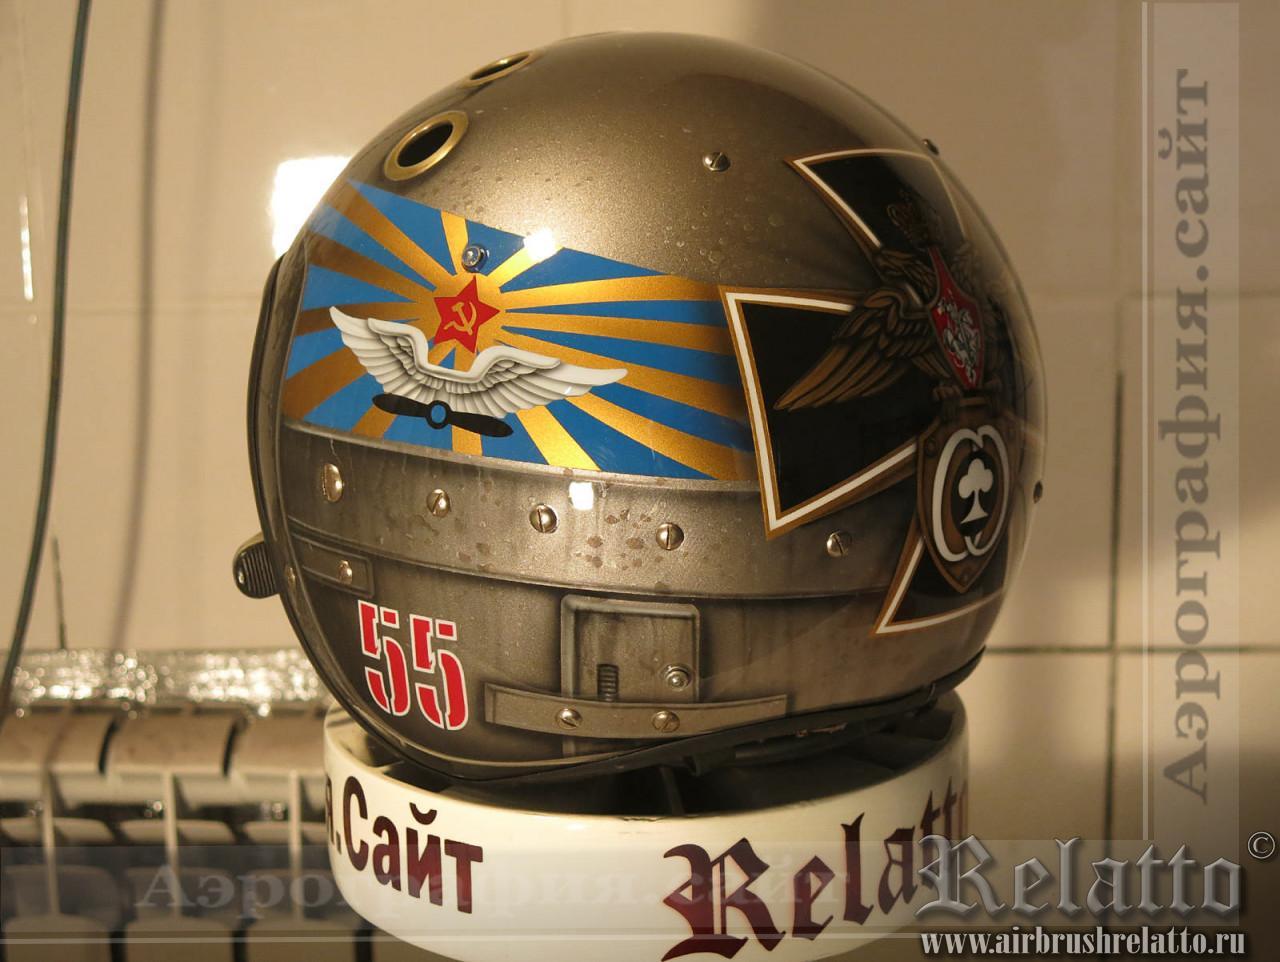 аэрография летный шлем в Белгороде